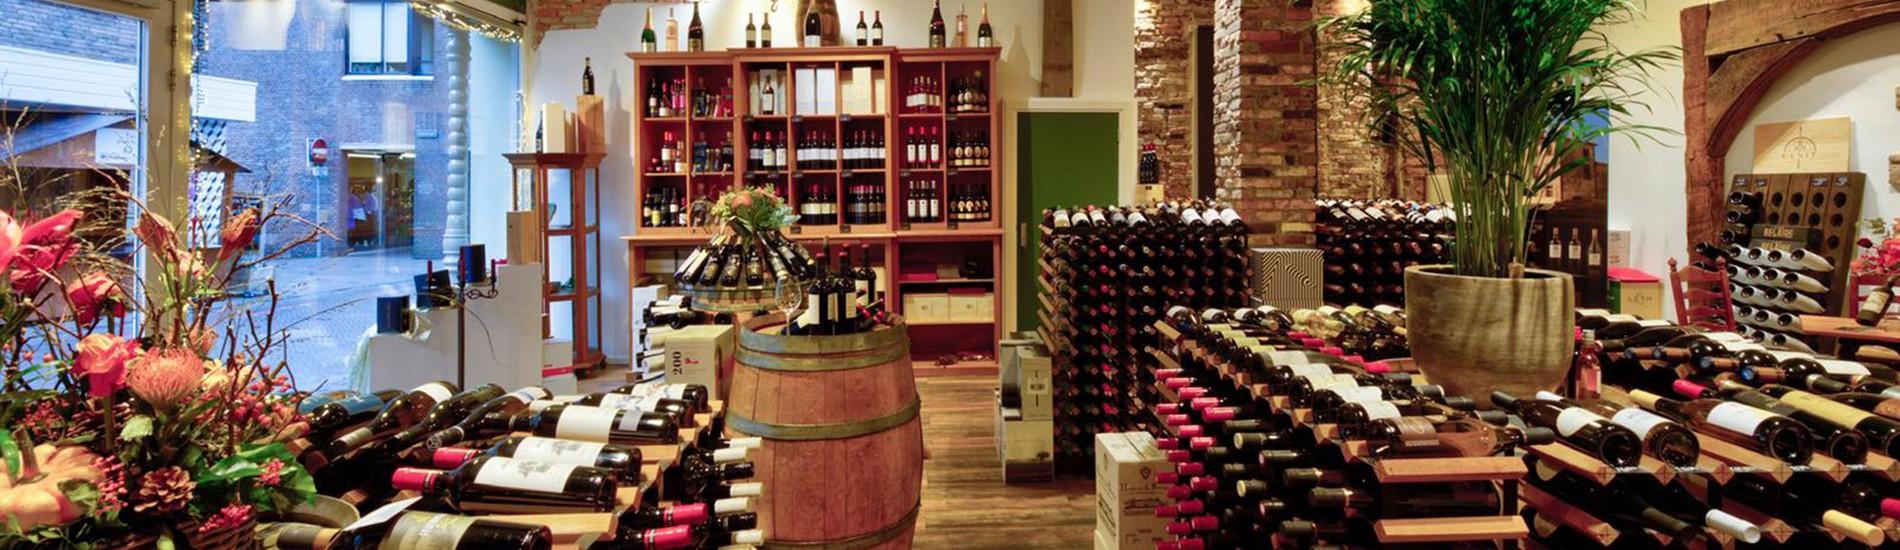 Wijnproeverij?  Een leuke wijnervaring.  Klik hier voor meer informatie